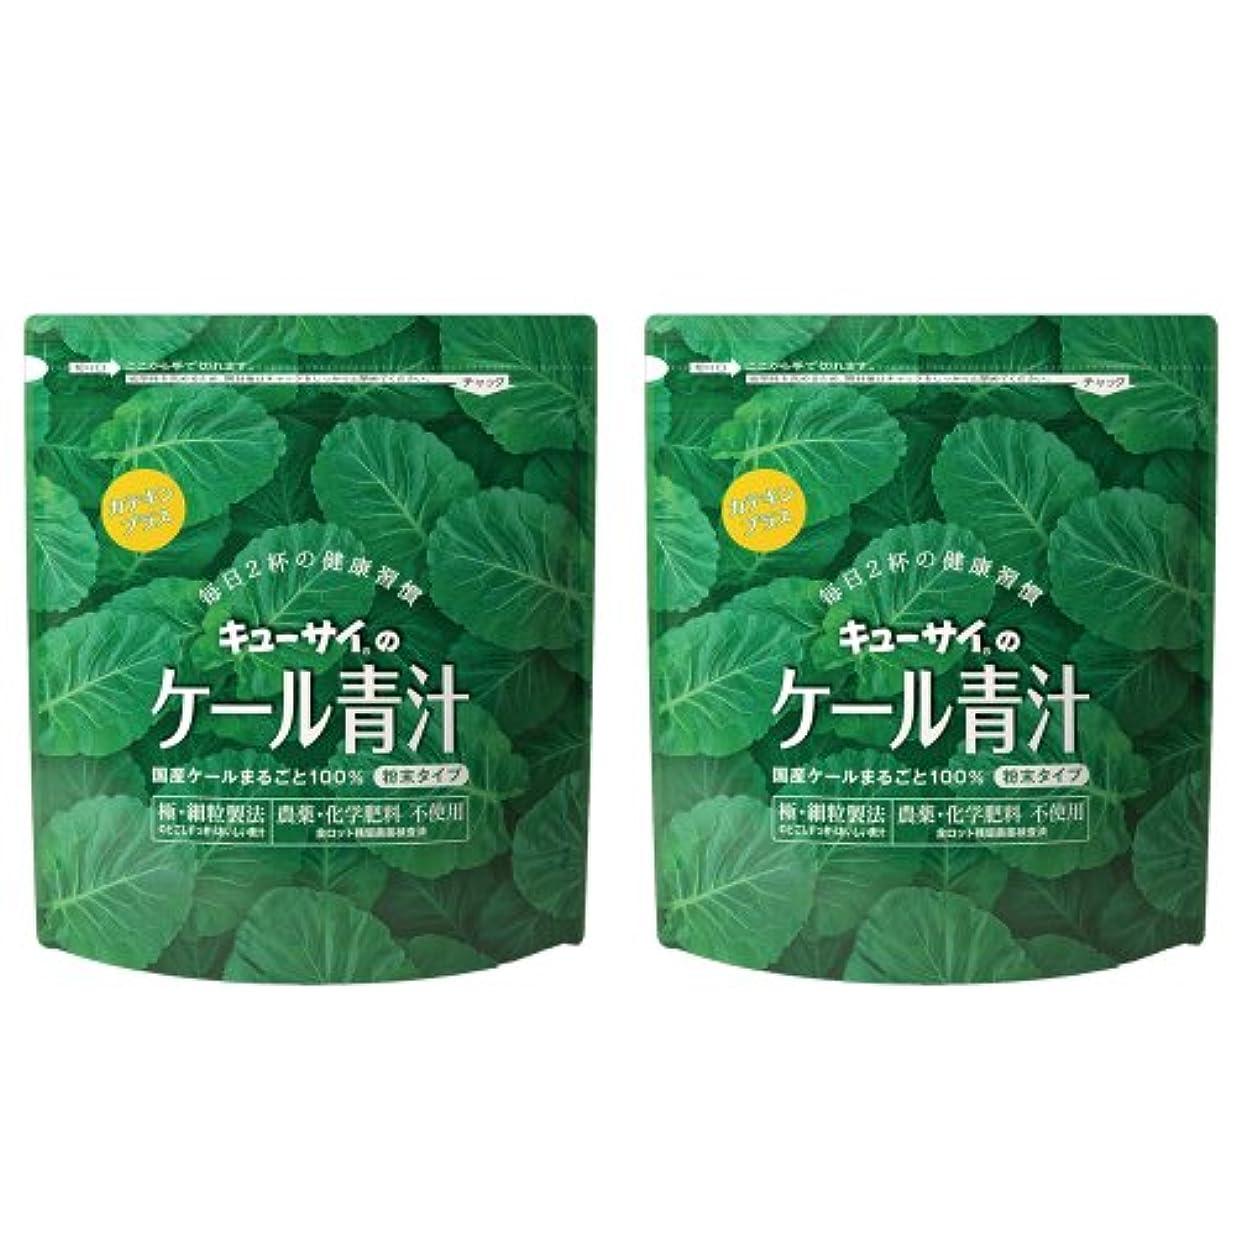 レキシコン高原狭いキューサイ青汁カテキンプラス420g(粉末タイプ)2袋まとめ買い【1袋420g(約1カ月分)】